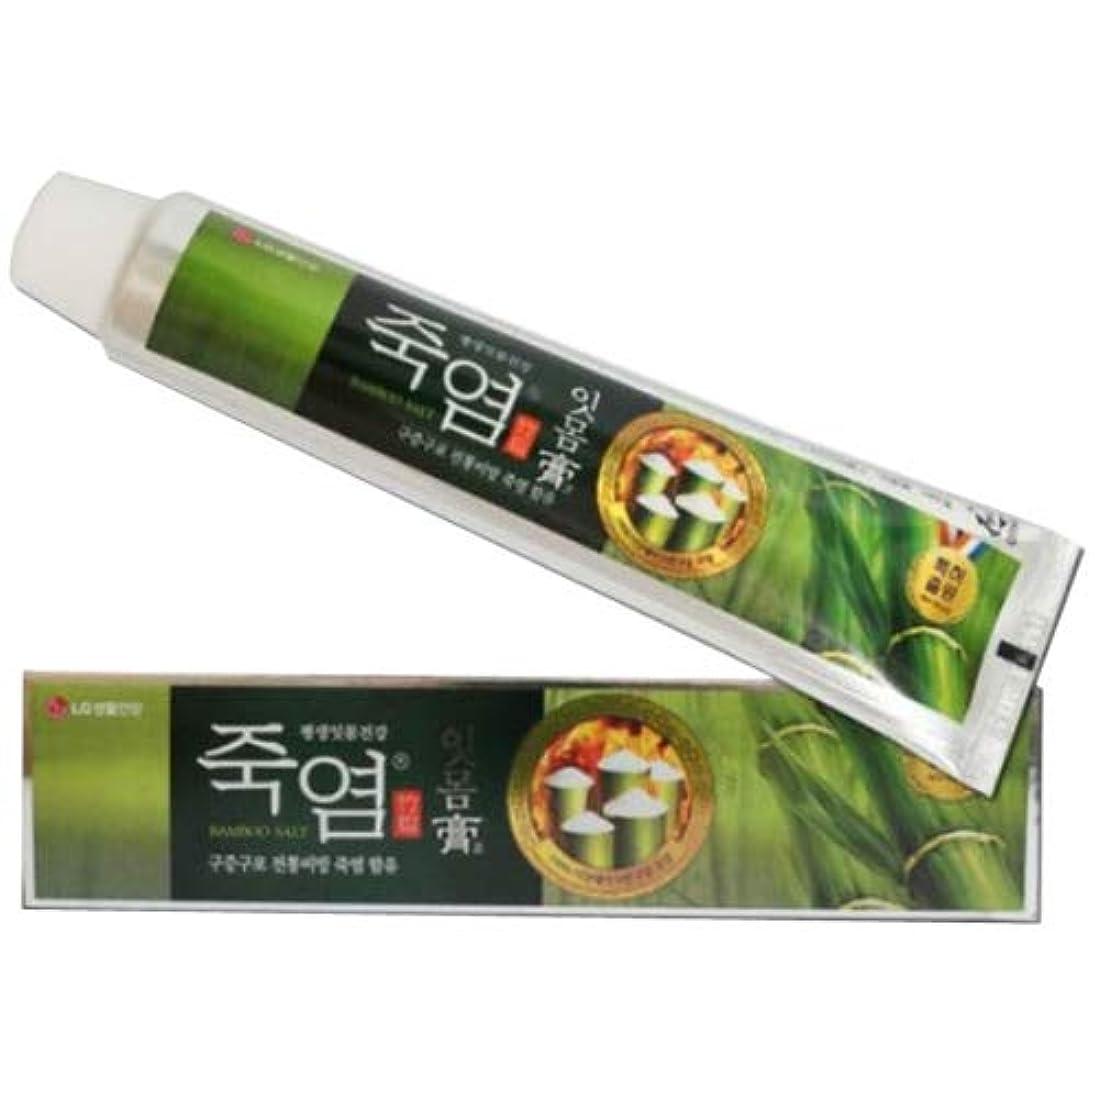 やりすぎ柱揺れるLG生活健康 竹塩歯磨き粉 (歯康膏:ウンガンゴ)(120gx3個) 歯肉炎の予防 歯茎の出血予防